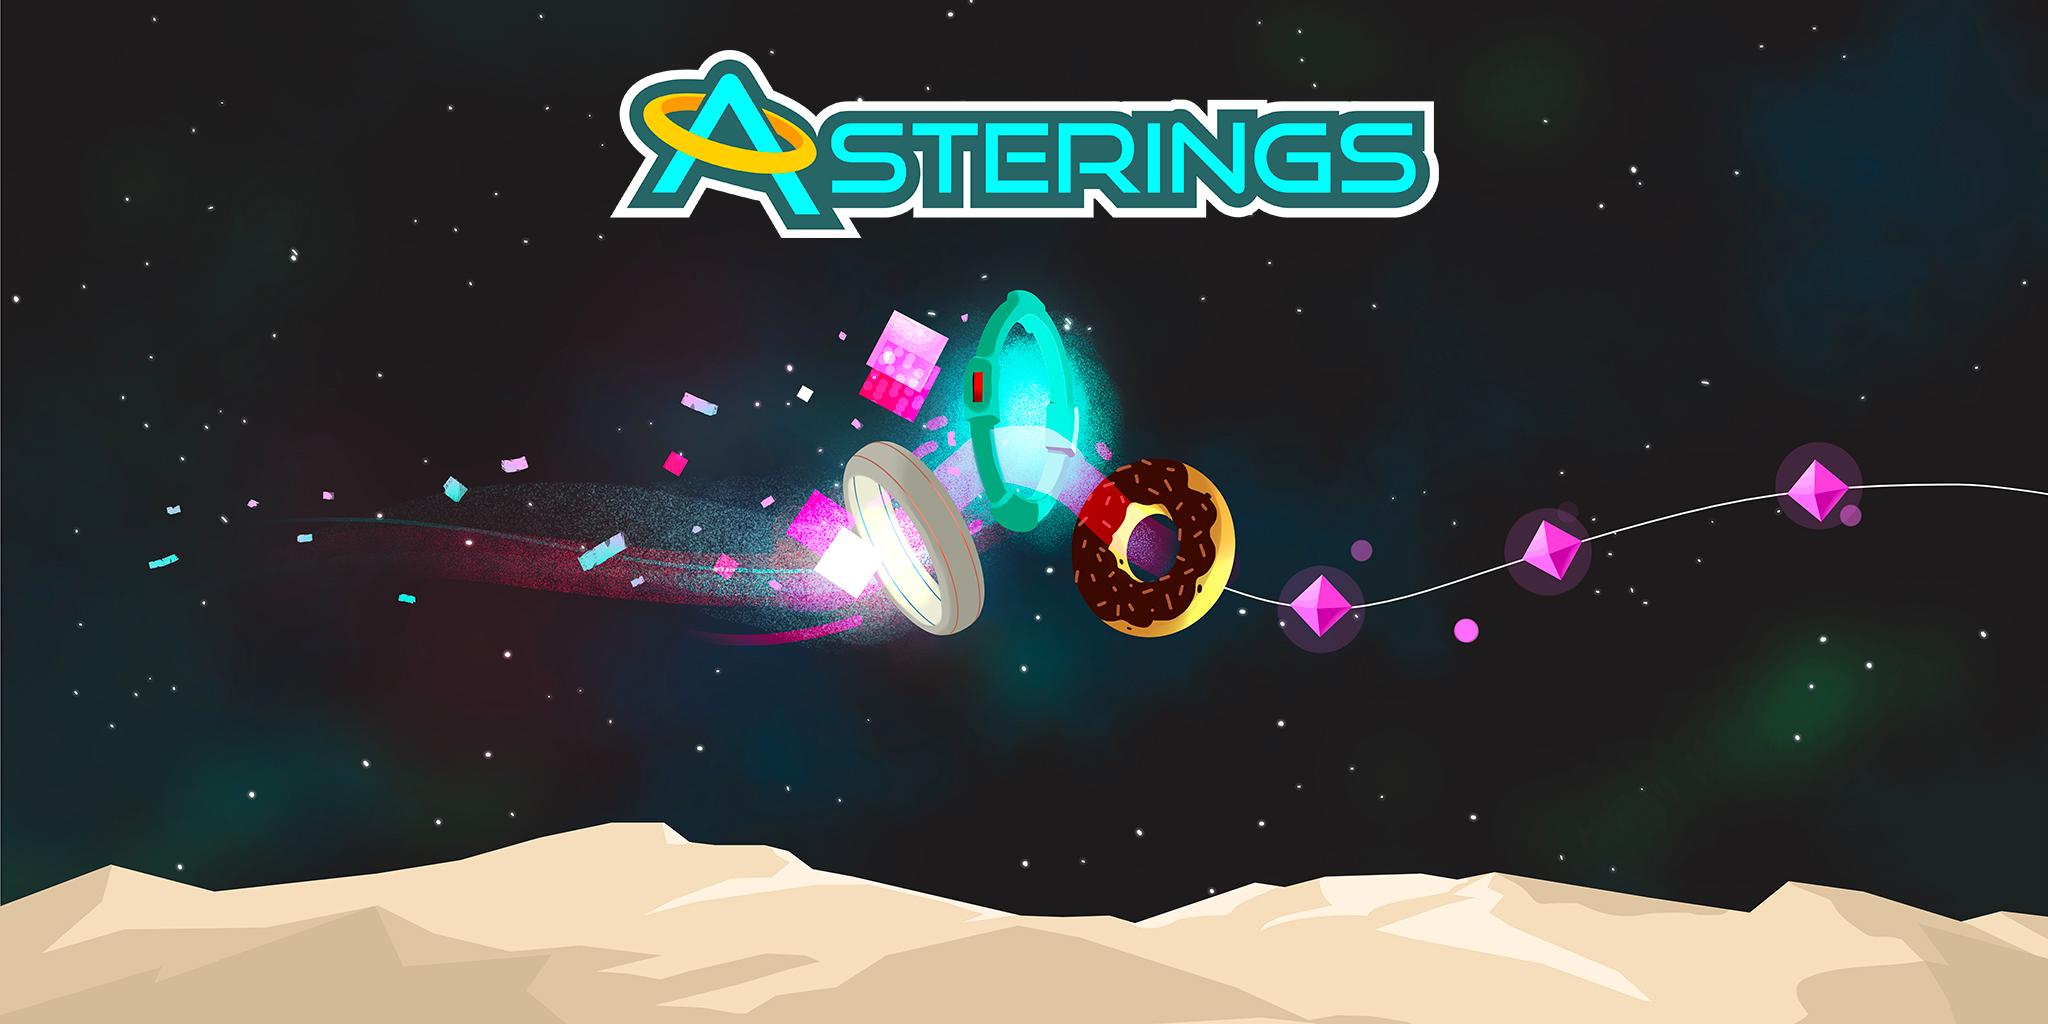 Asterings